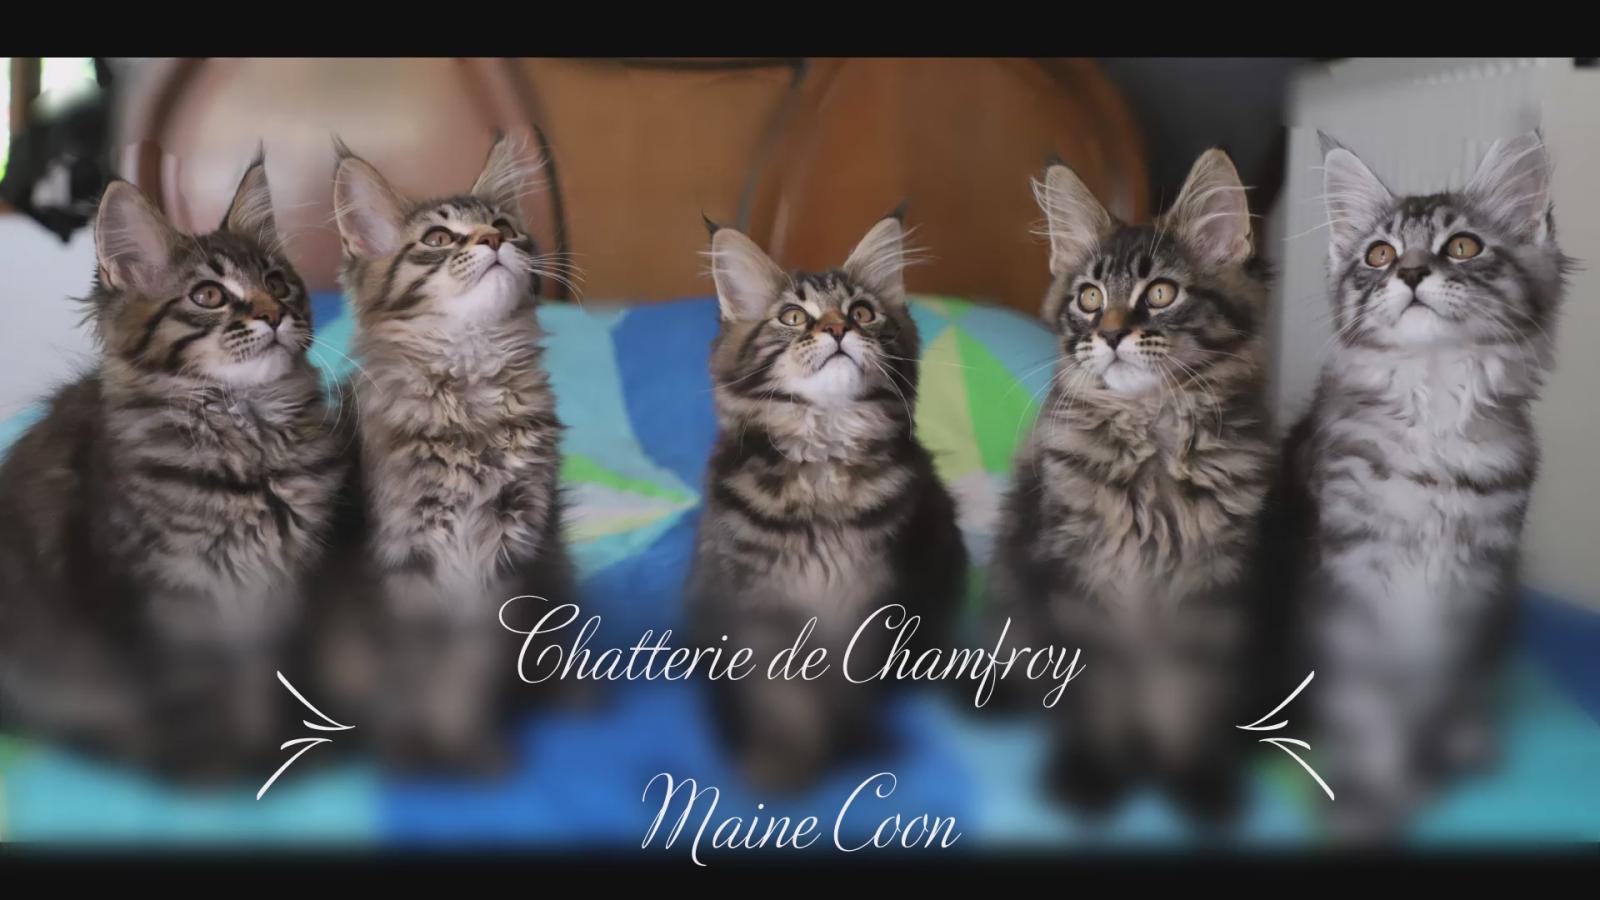 De Chamfroy